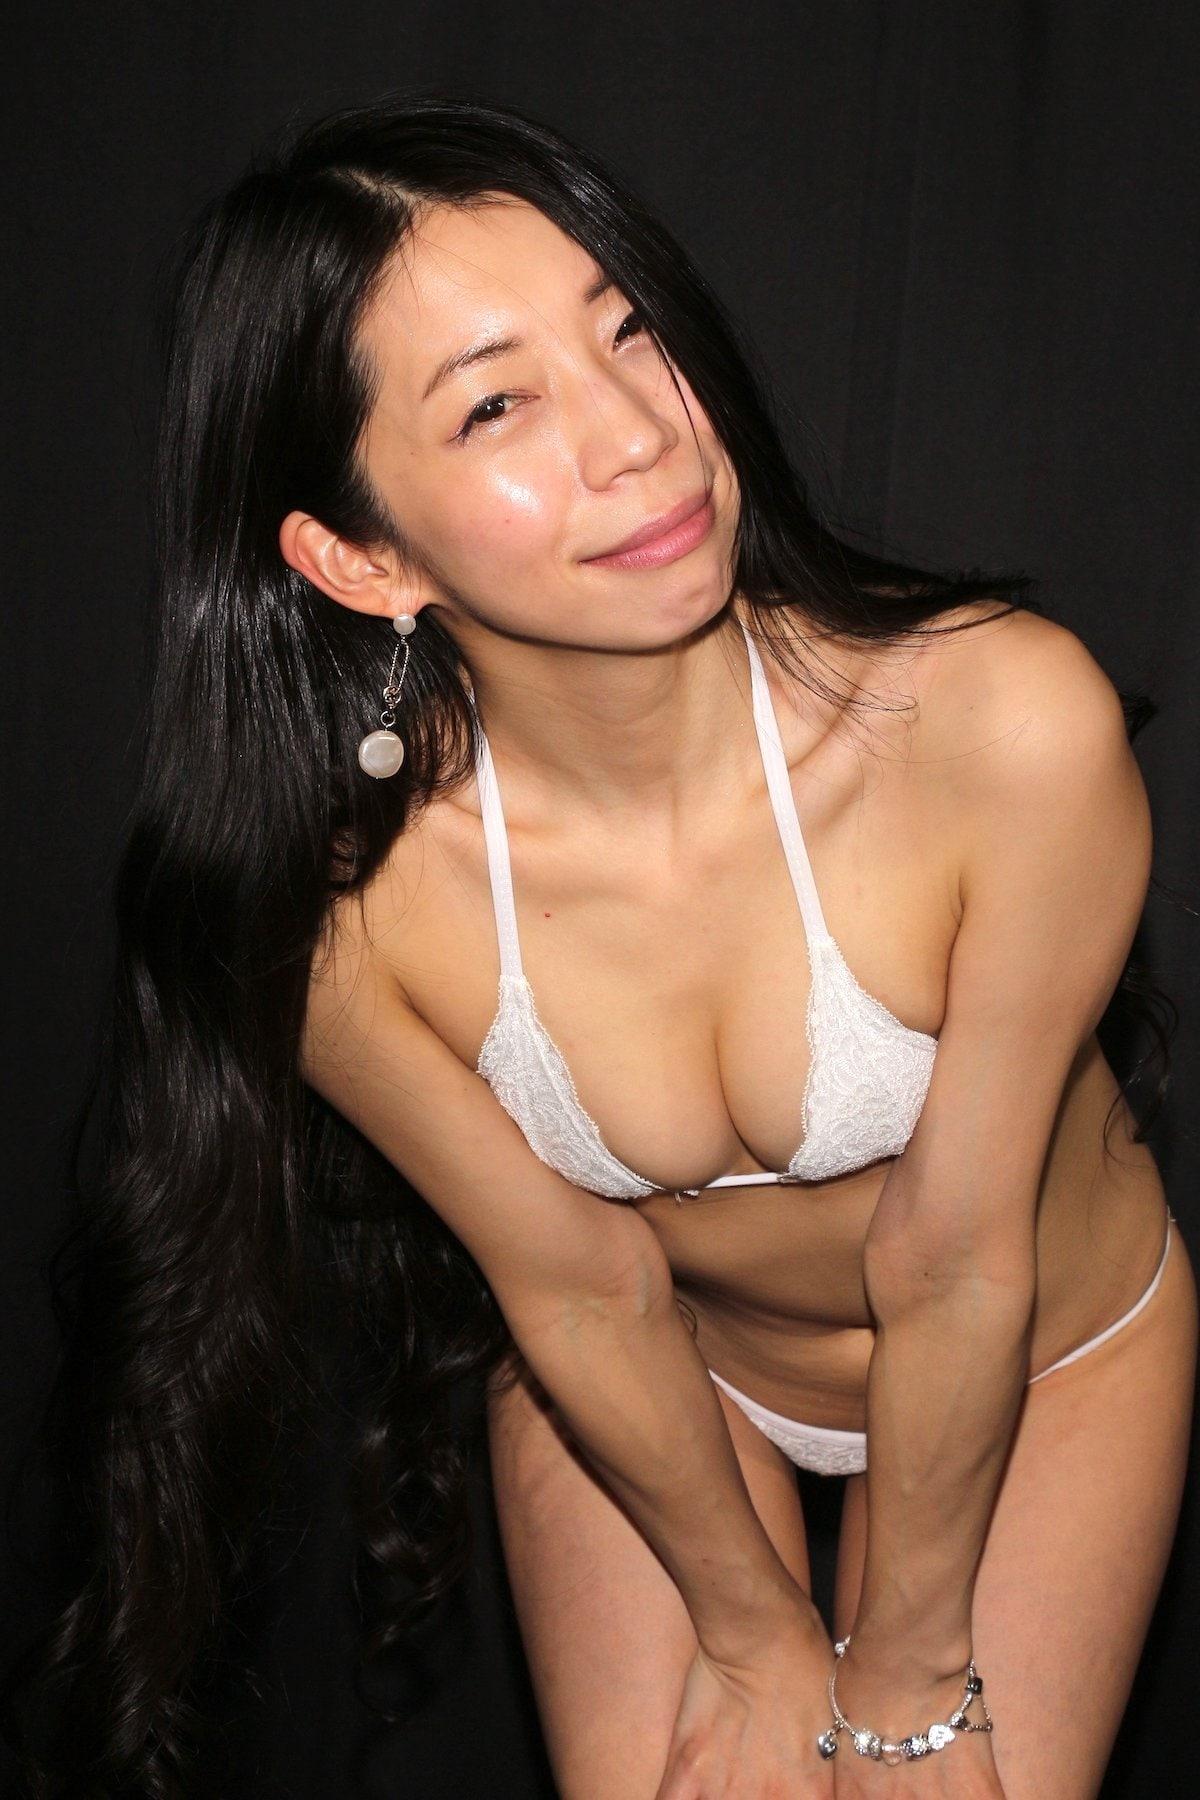 岩崎真奈「ベンチの縁にこすったり」私史上最高にセクシー【画像50枚】の画像033